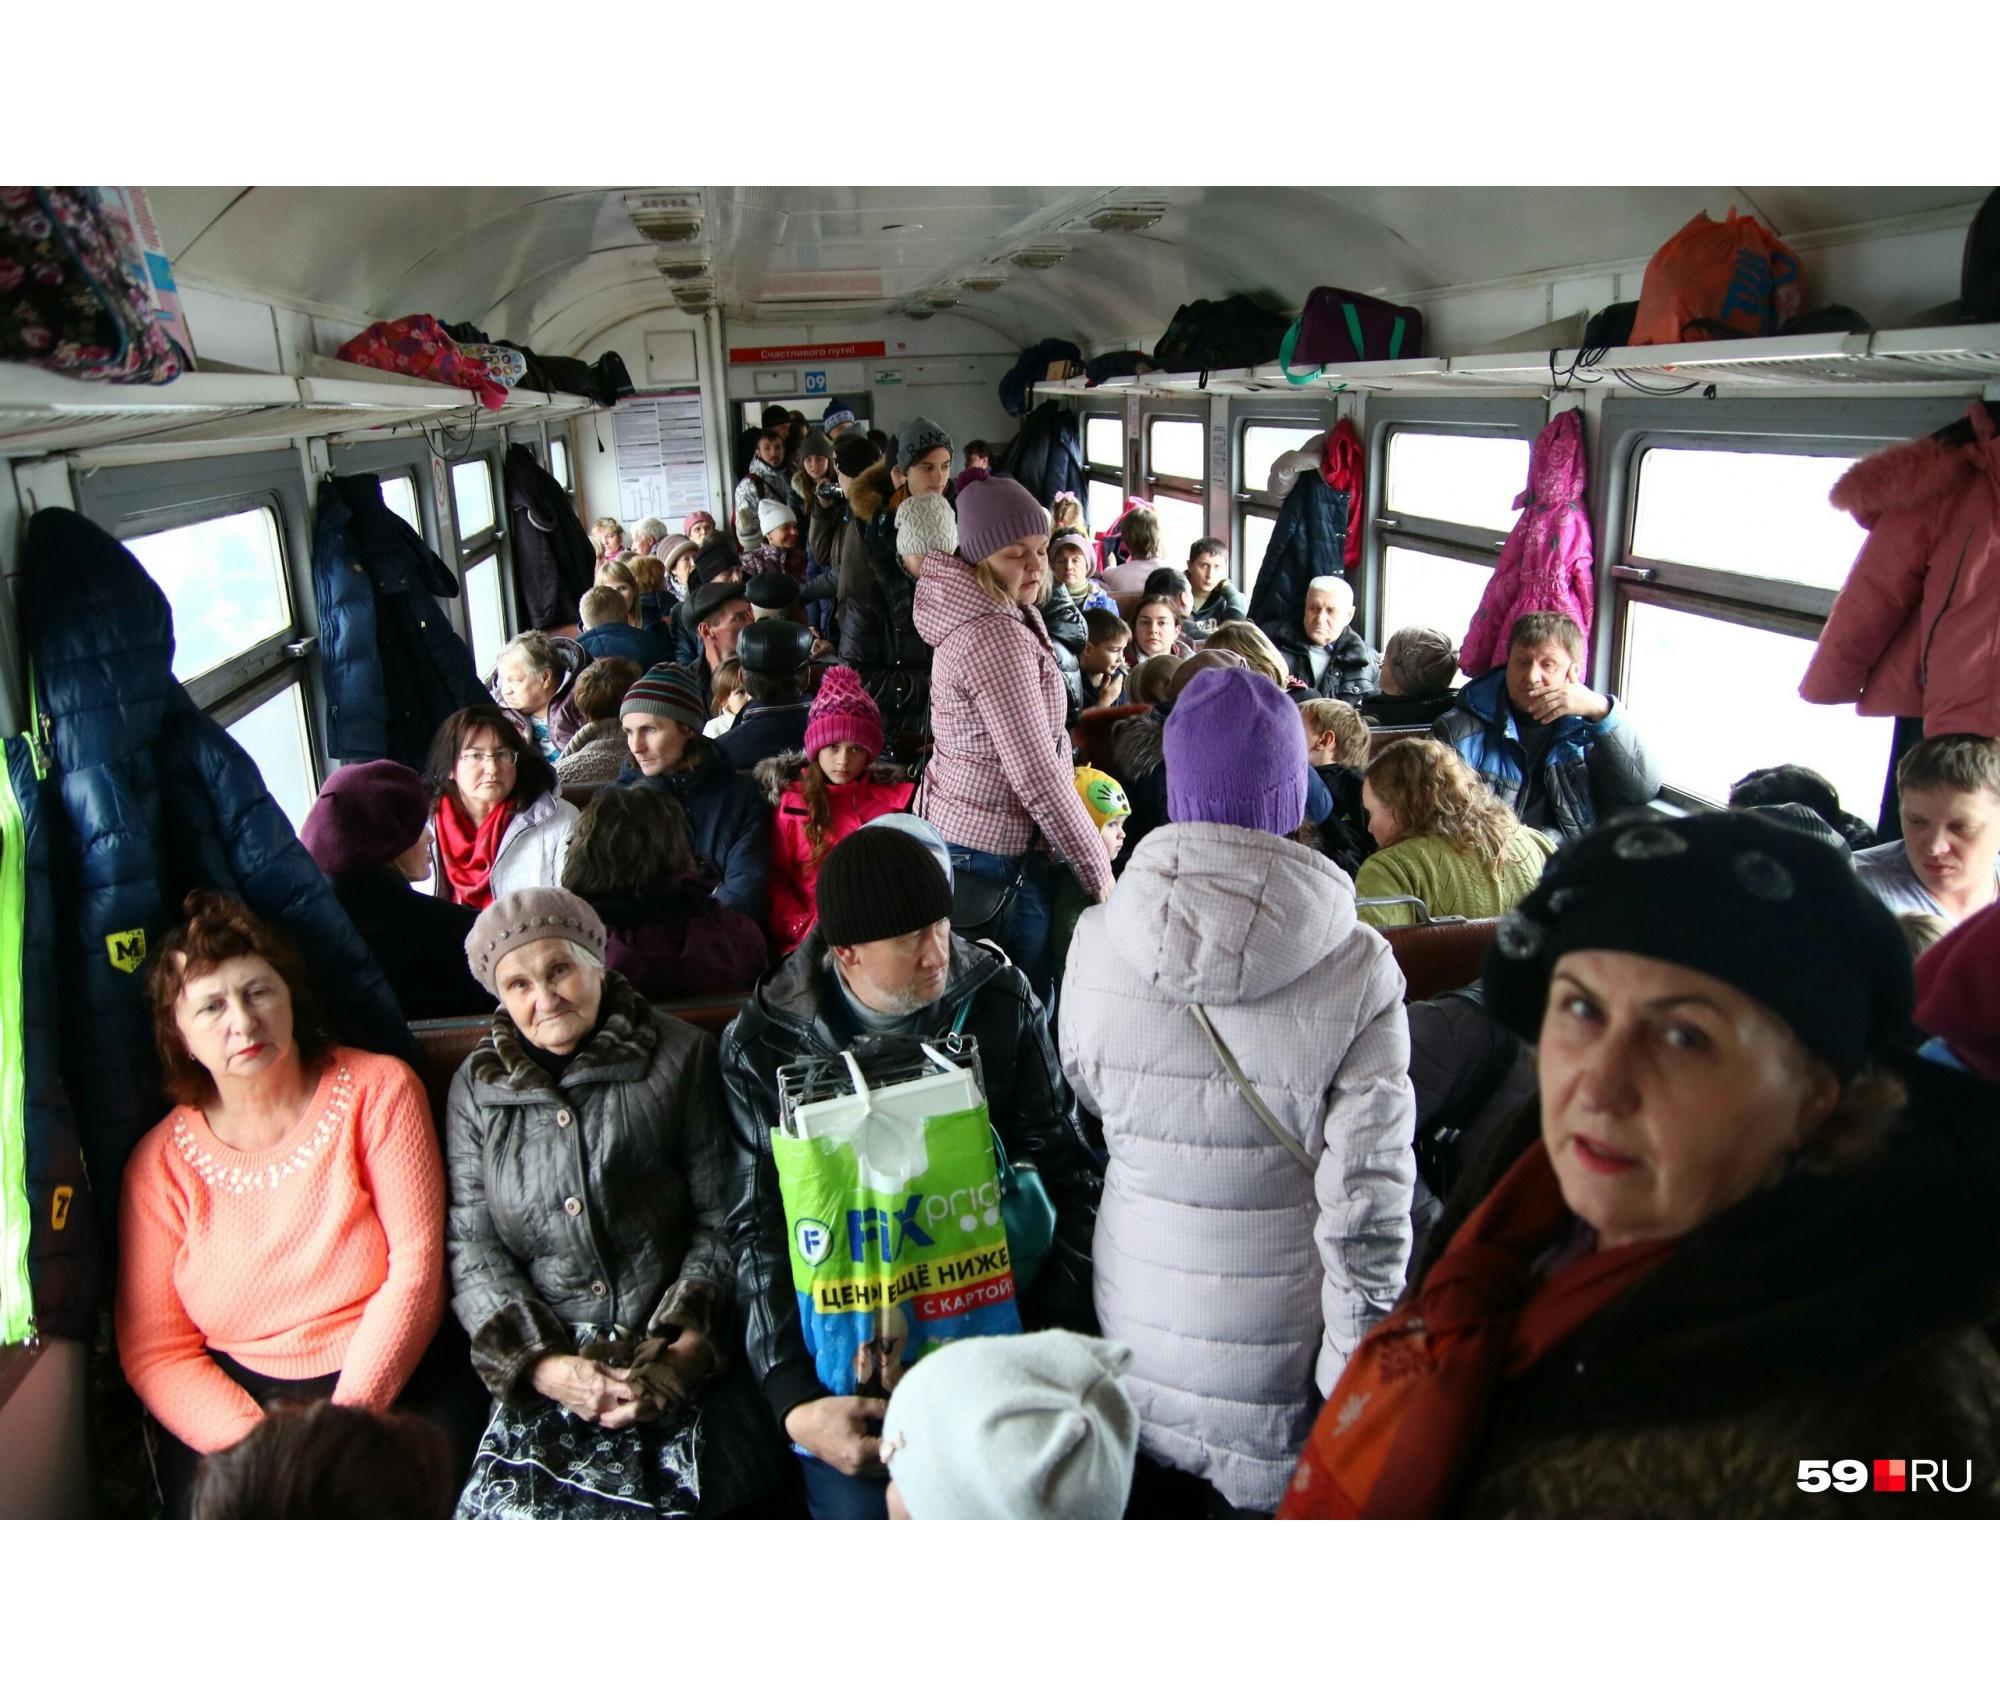 Вагон заполнен людьми, и это не участники акции, а простые пассажиры